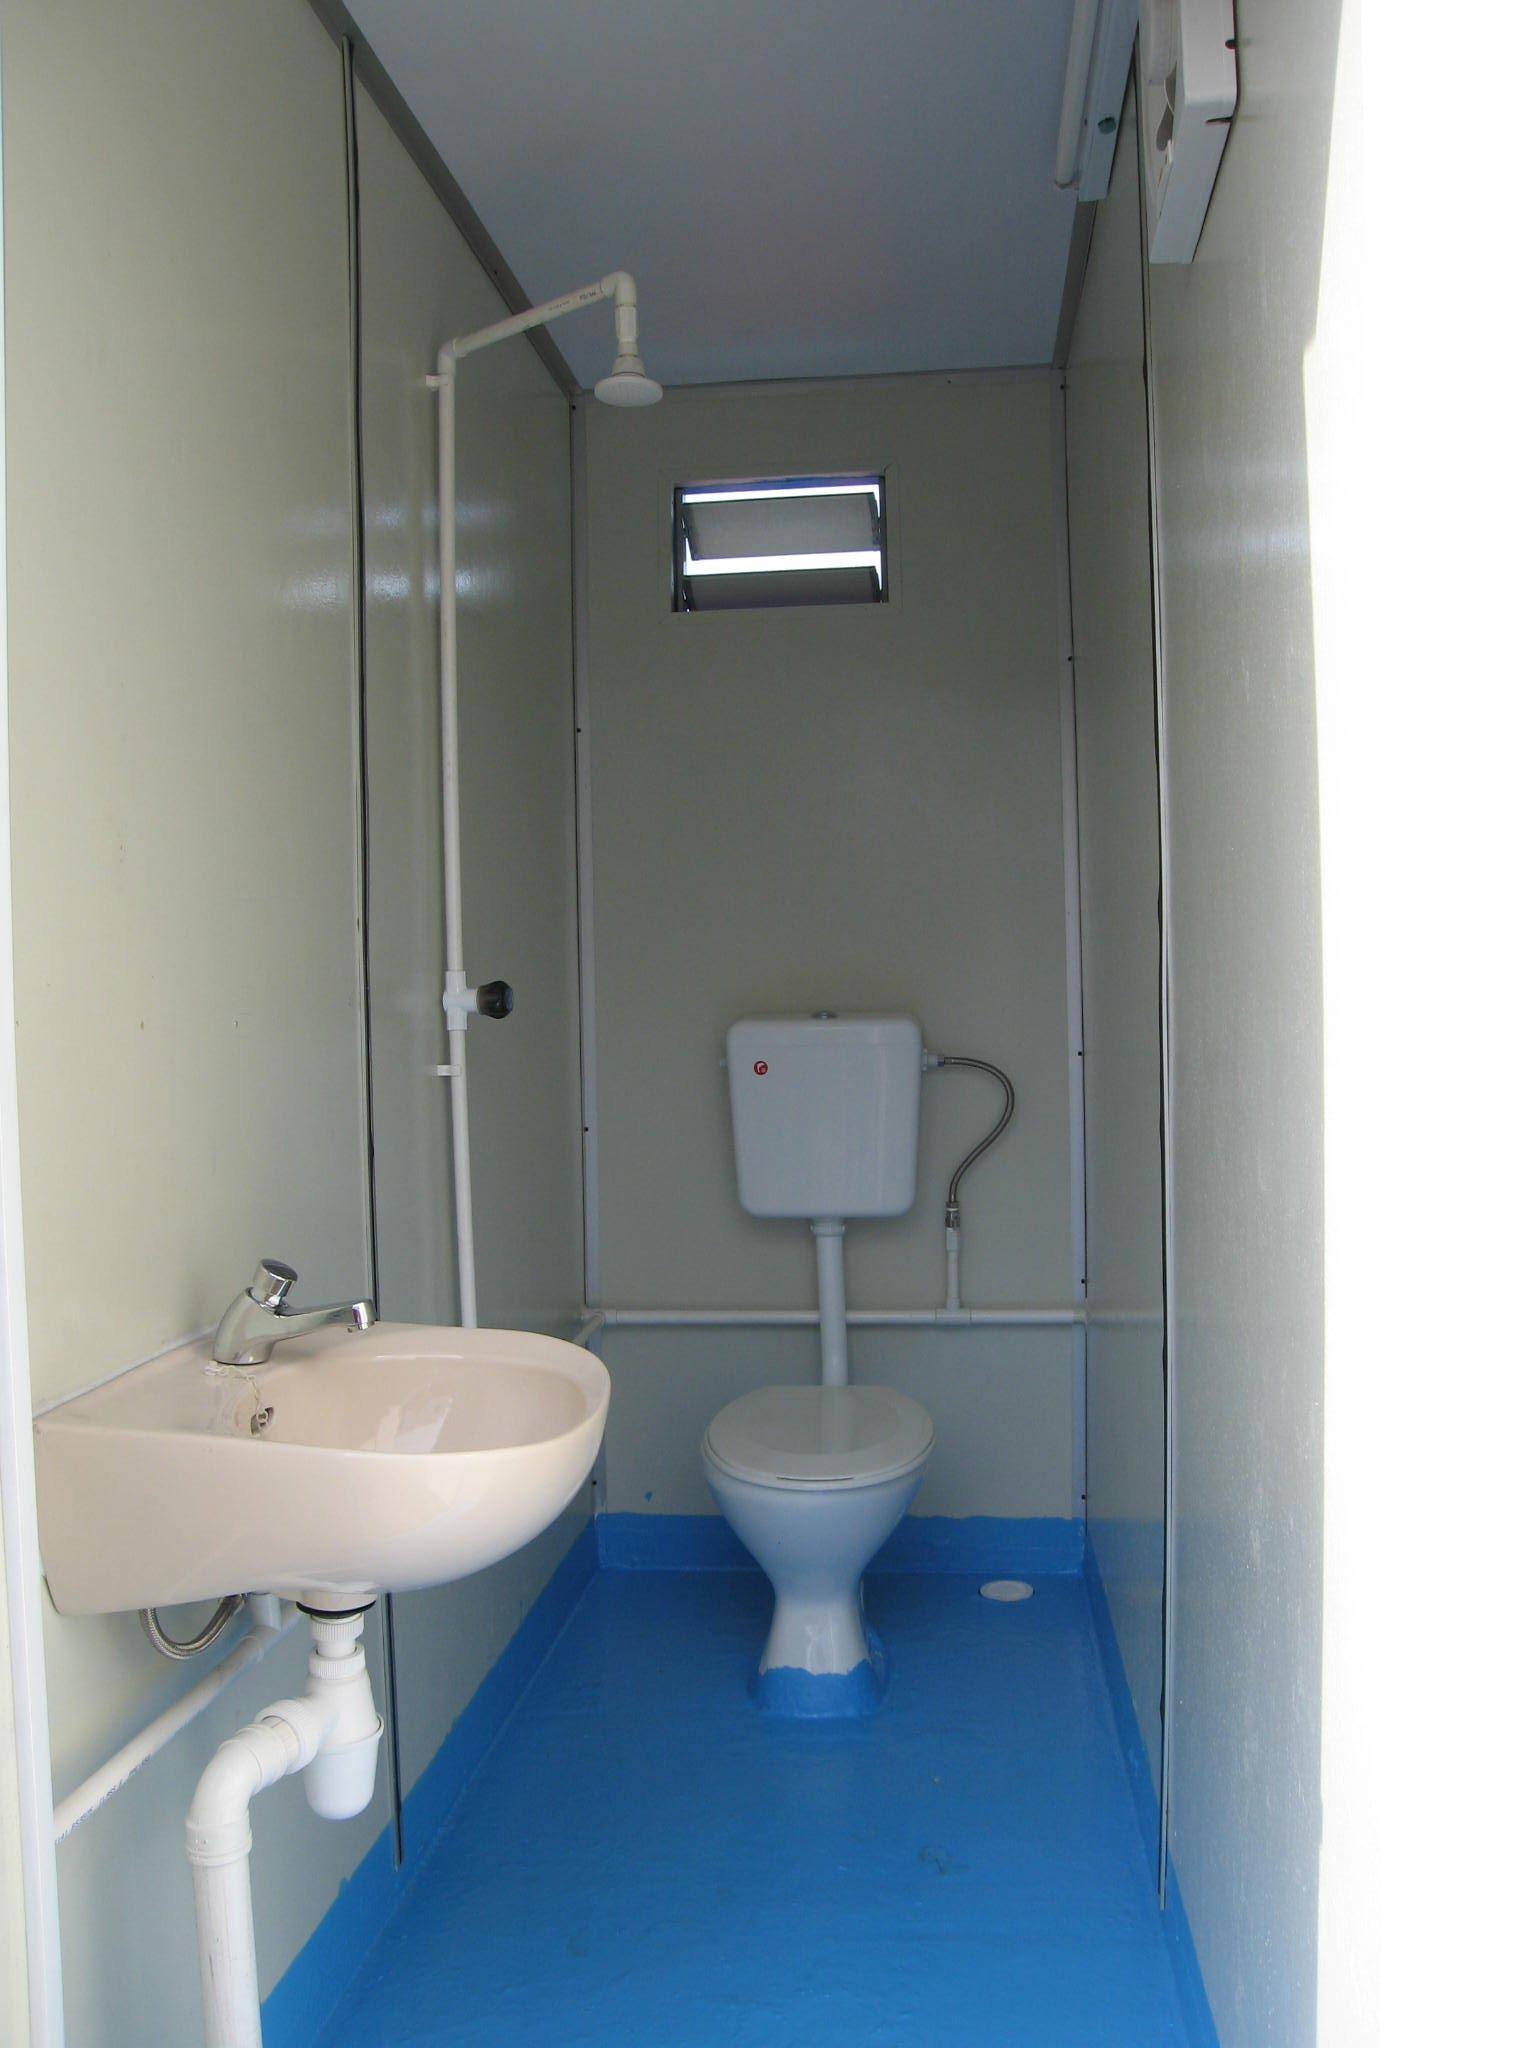 Container wc/ banheiro Processamento de Materiais de Construção ID  #236BA8 1536x2048 Banheiro De Container